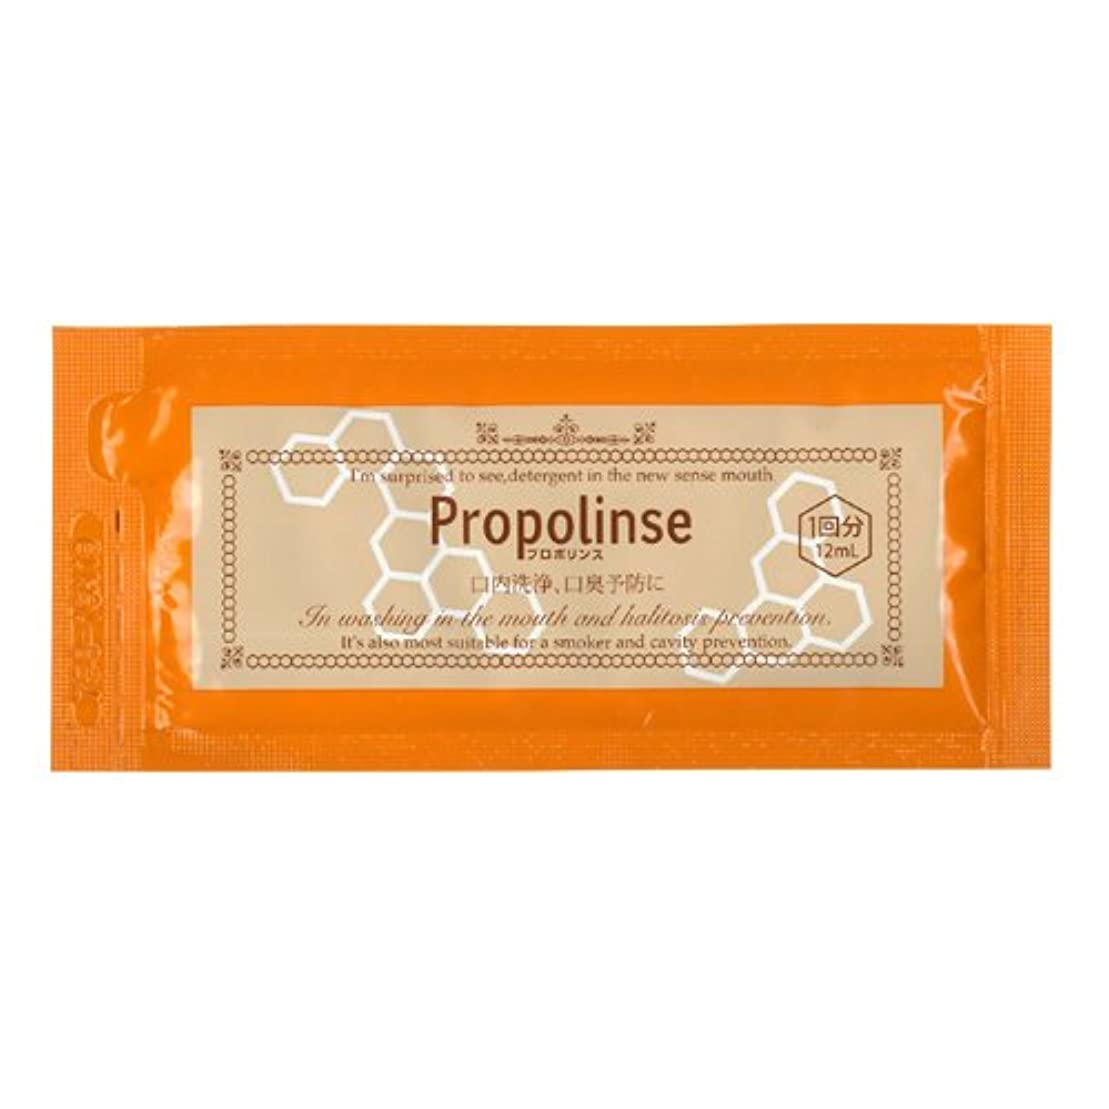 くすぐったい自宅でパン屋プロポリンス ハンディパウチ 12ml(1袋)×100袋